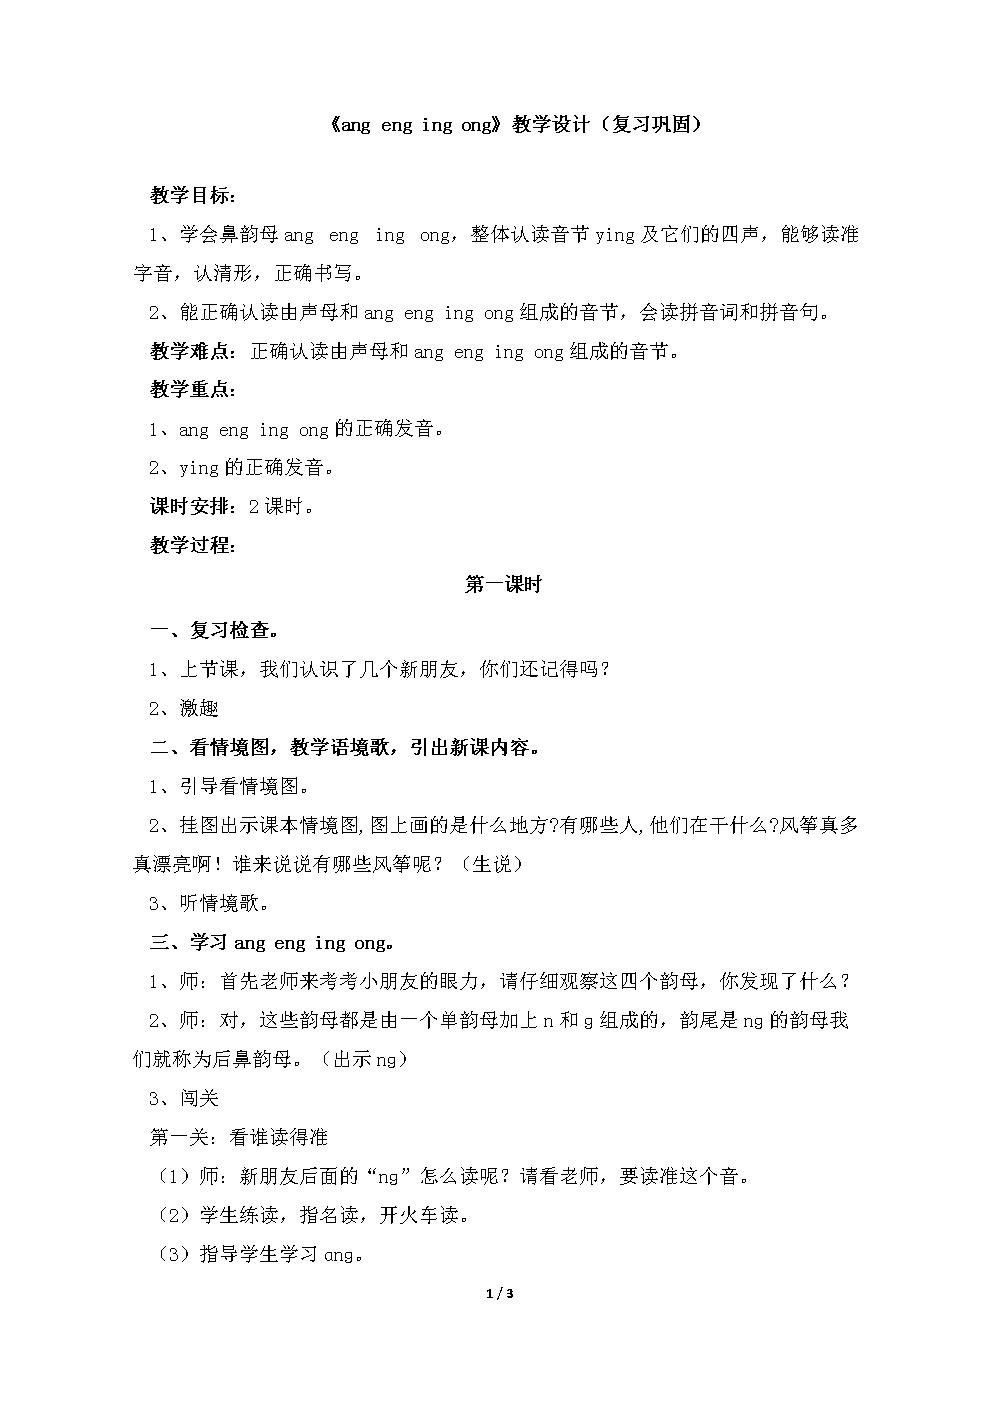 小学一年级语文上册《ang_eng_ing_ong》教学设计(复习巩固)(苏教版).doc